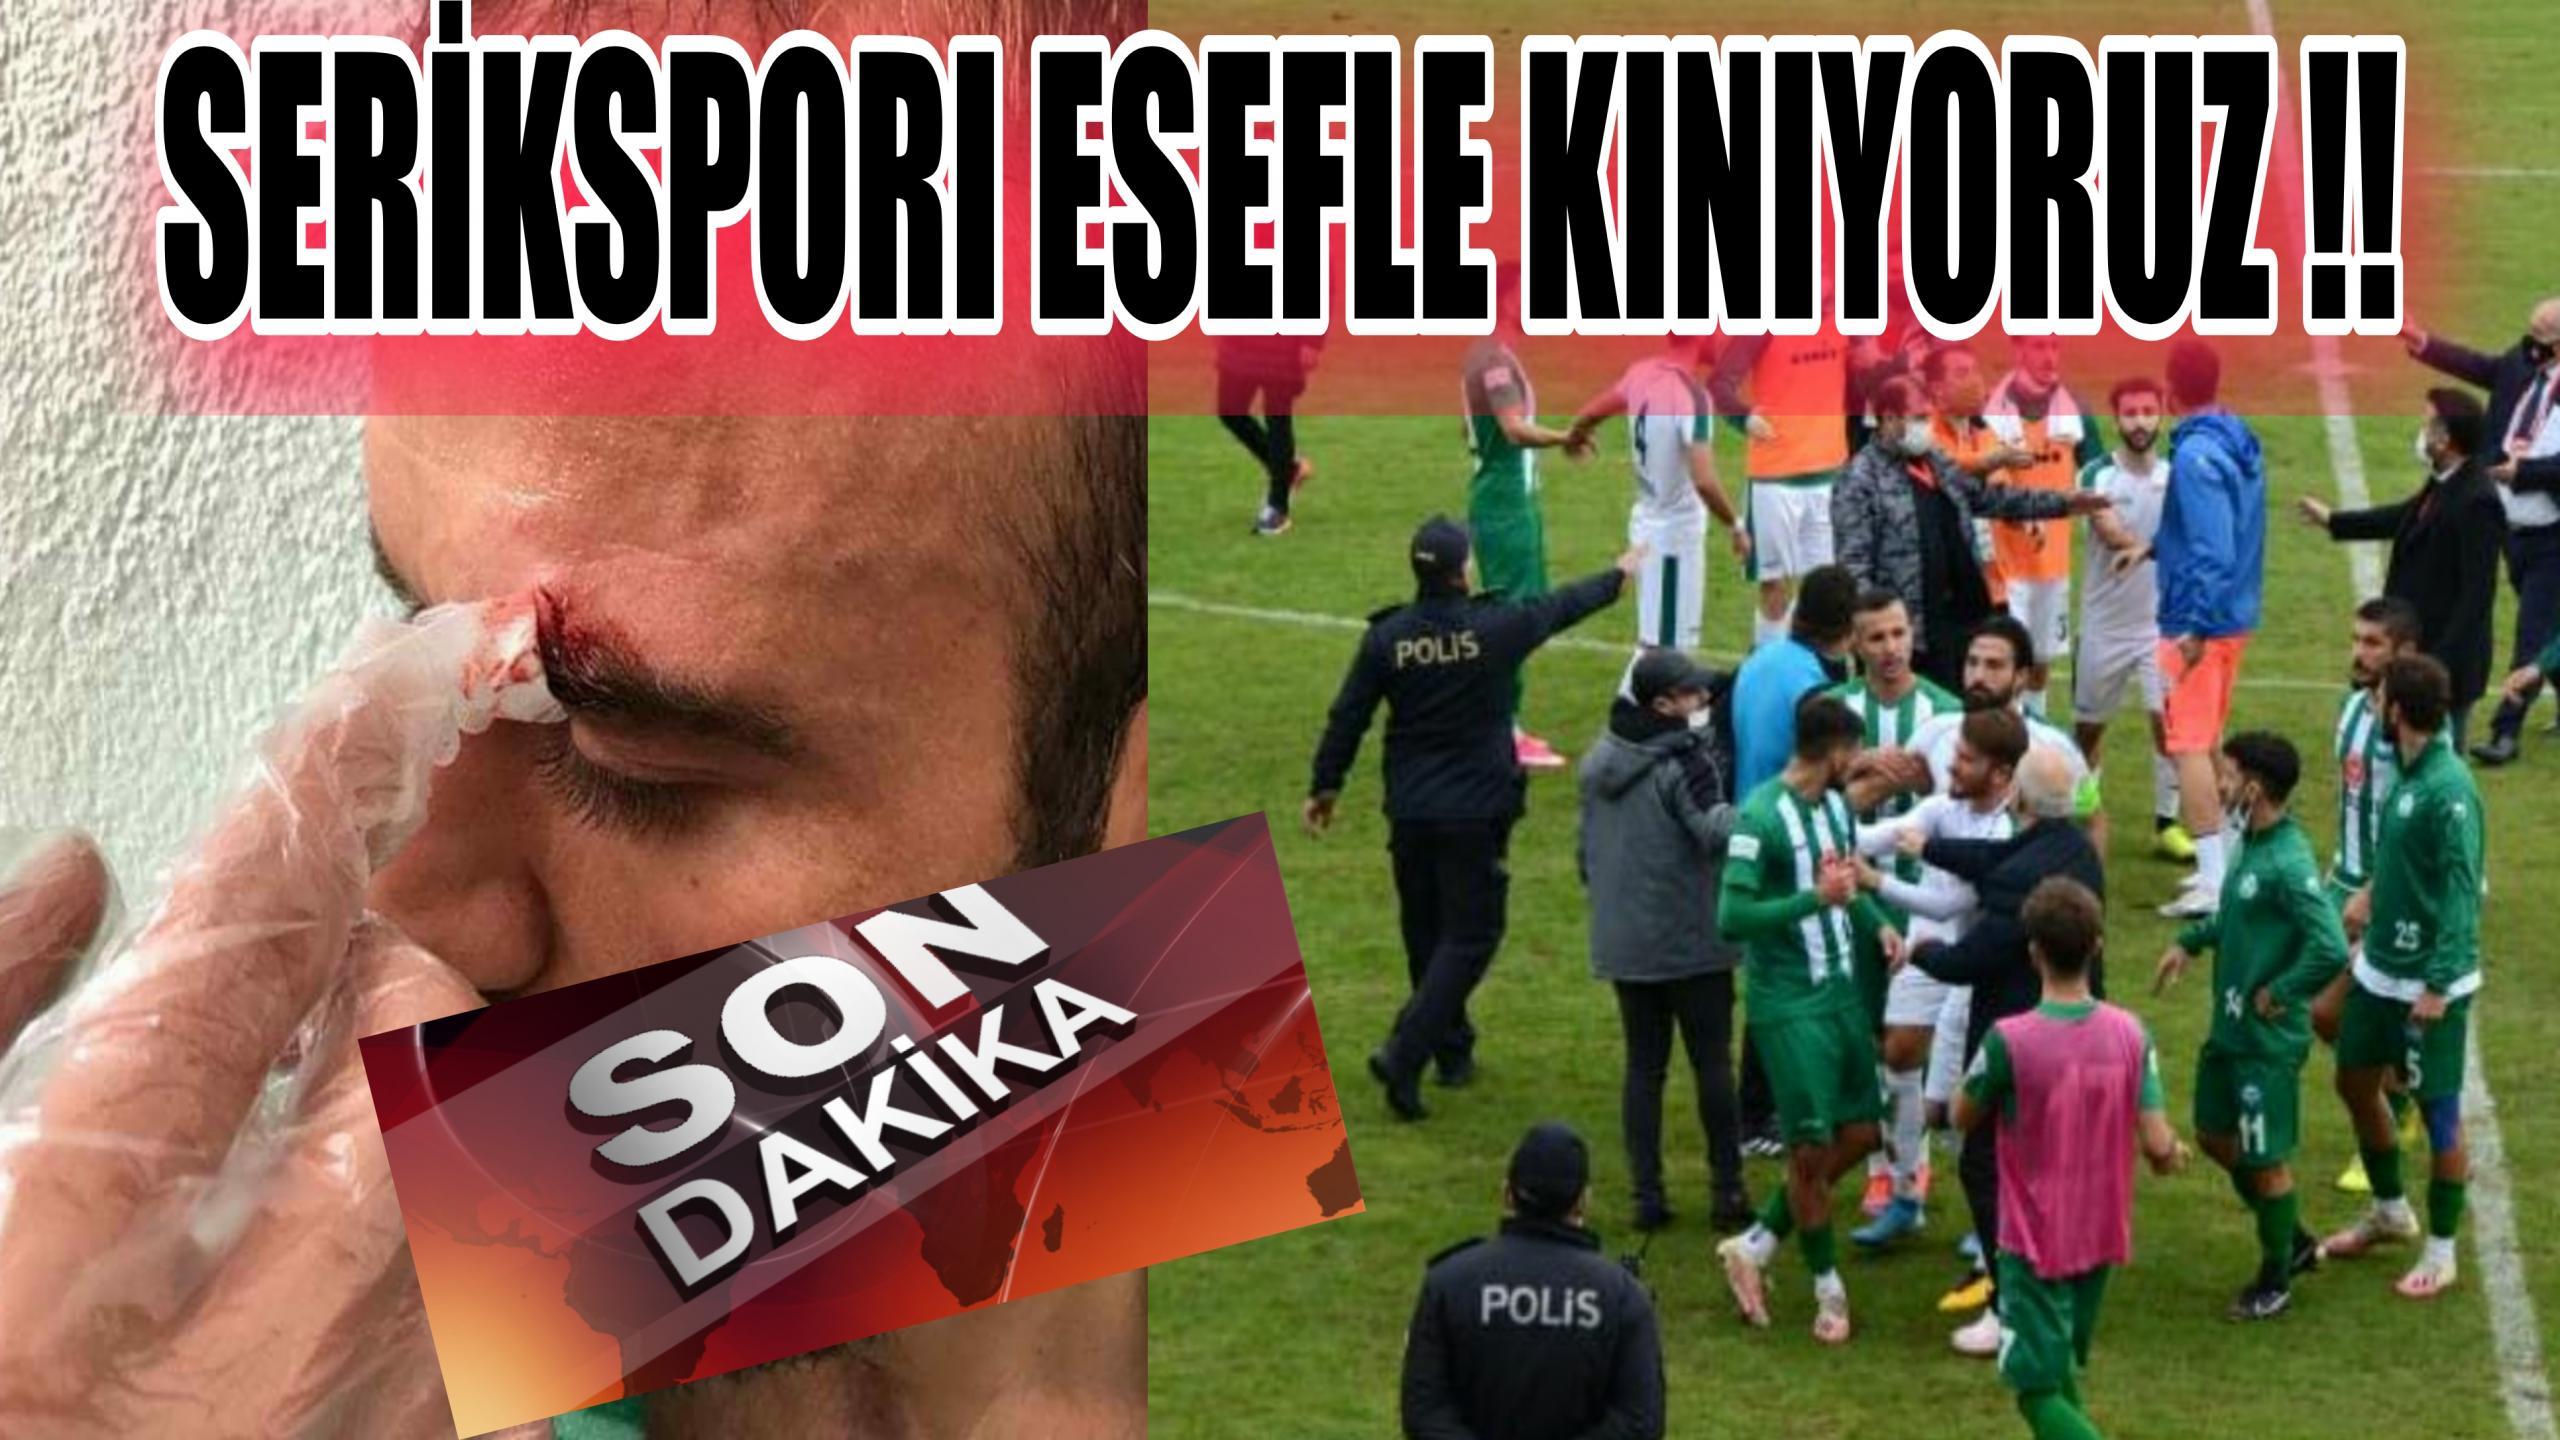 ANTALYA SERİKSPORU KINIYORUZ !!